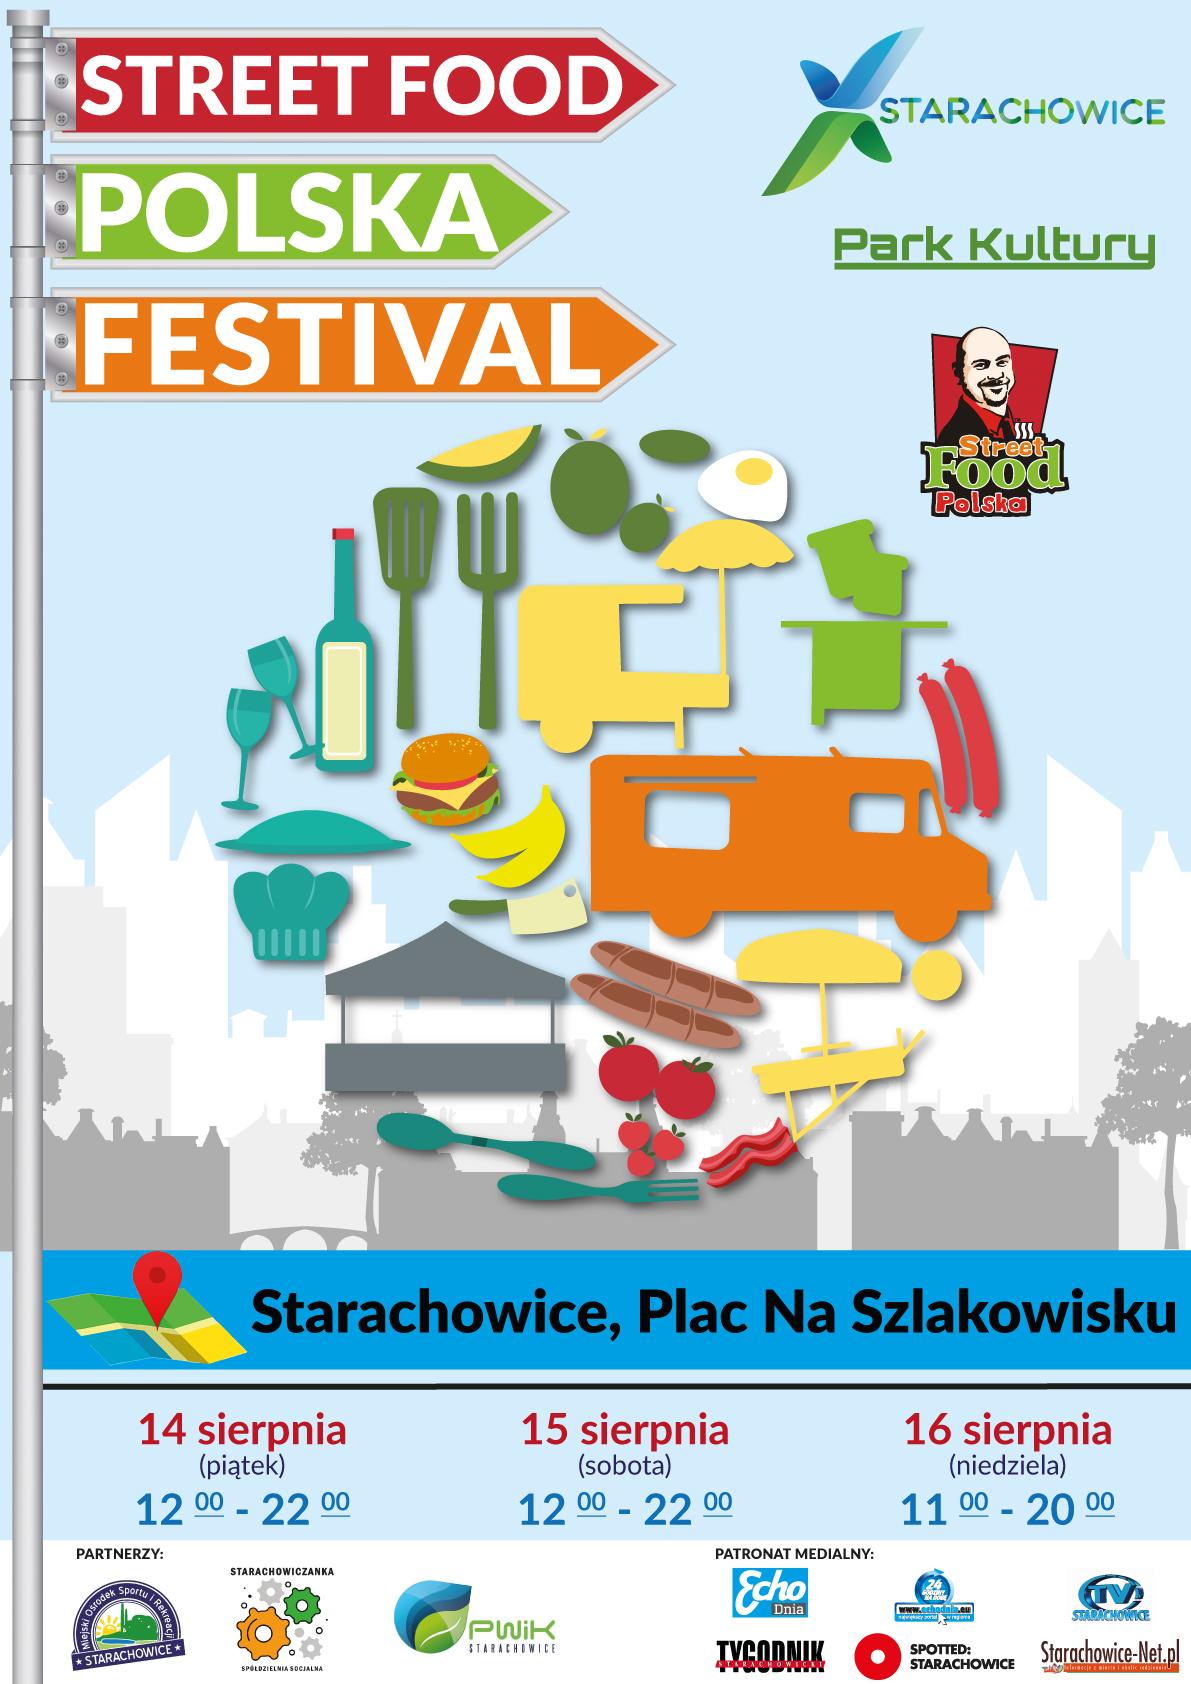 Food trucki wracają do Starachowic!